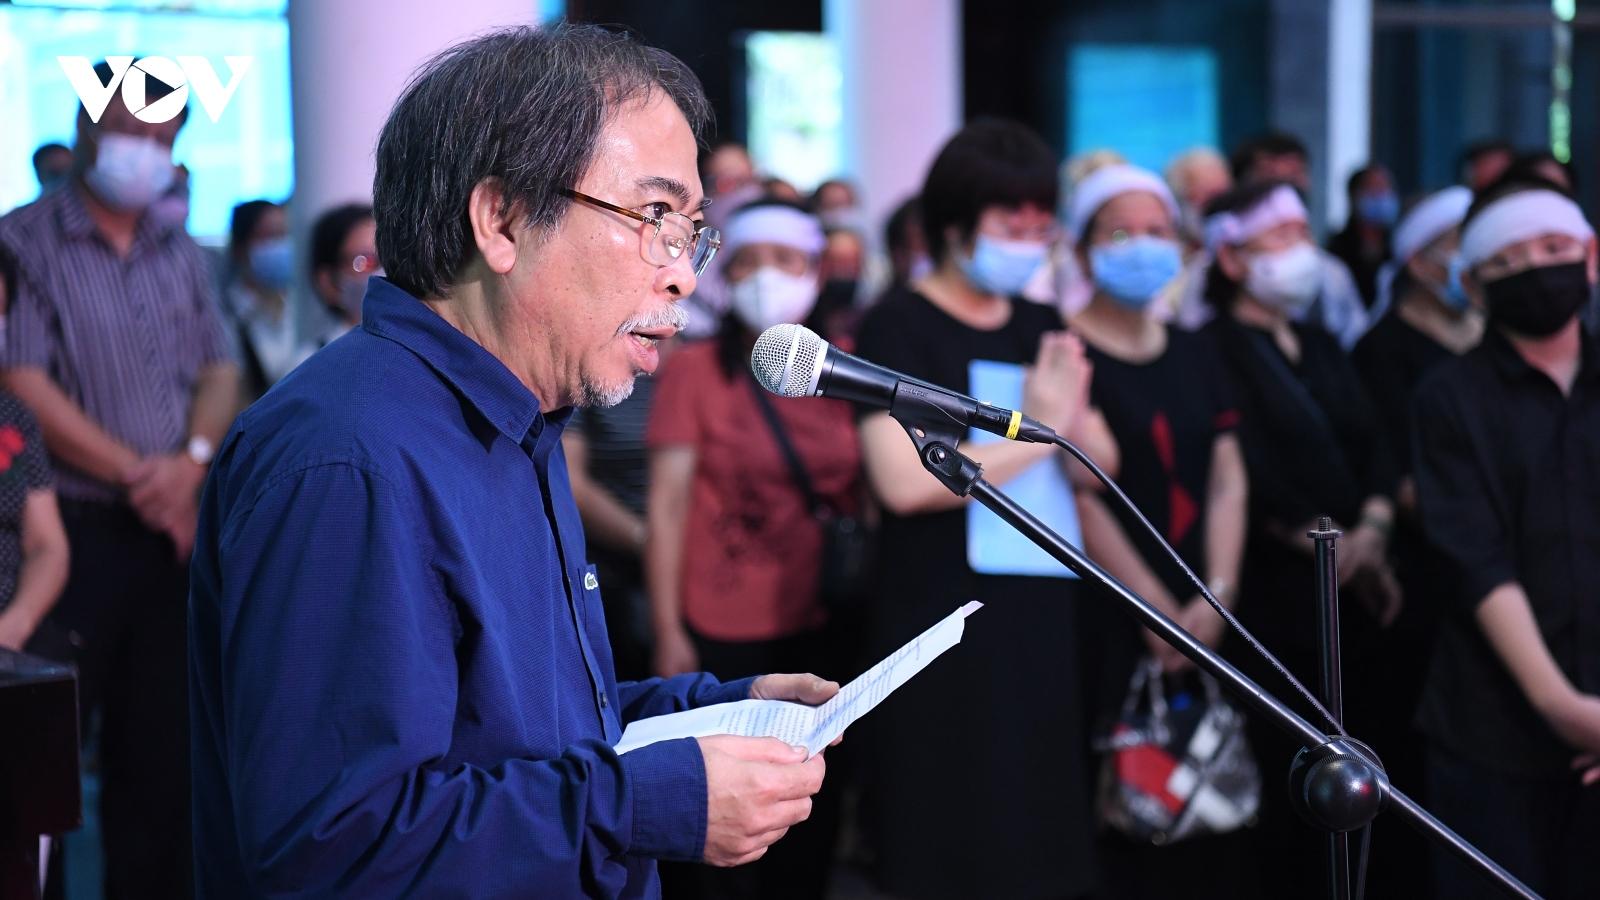 Tiễn biệt nhà văn Nguyễn Xuân Khánh - Biểu tượng nhân cách và bản lĩnh của người cầm bút